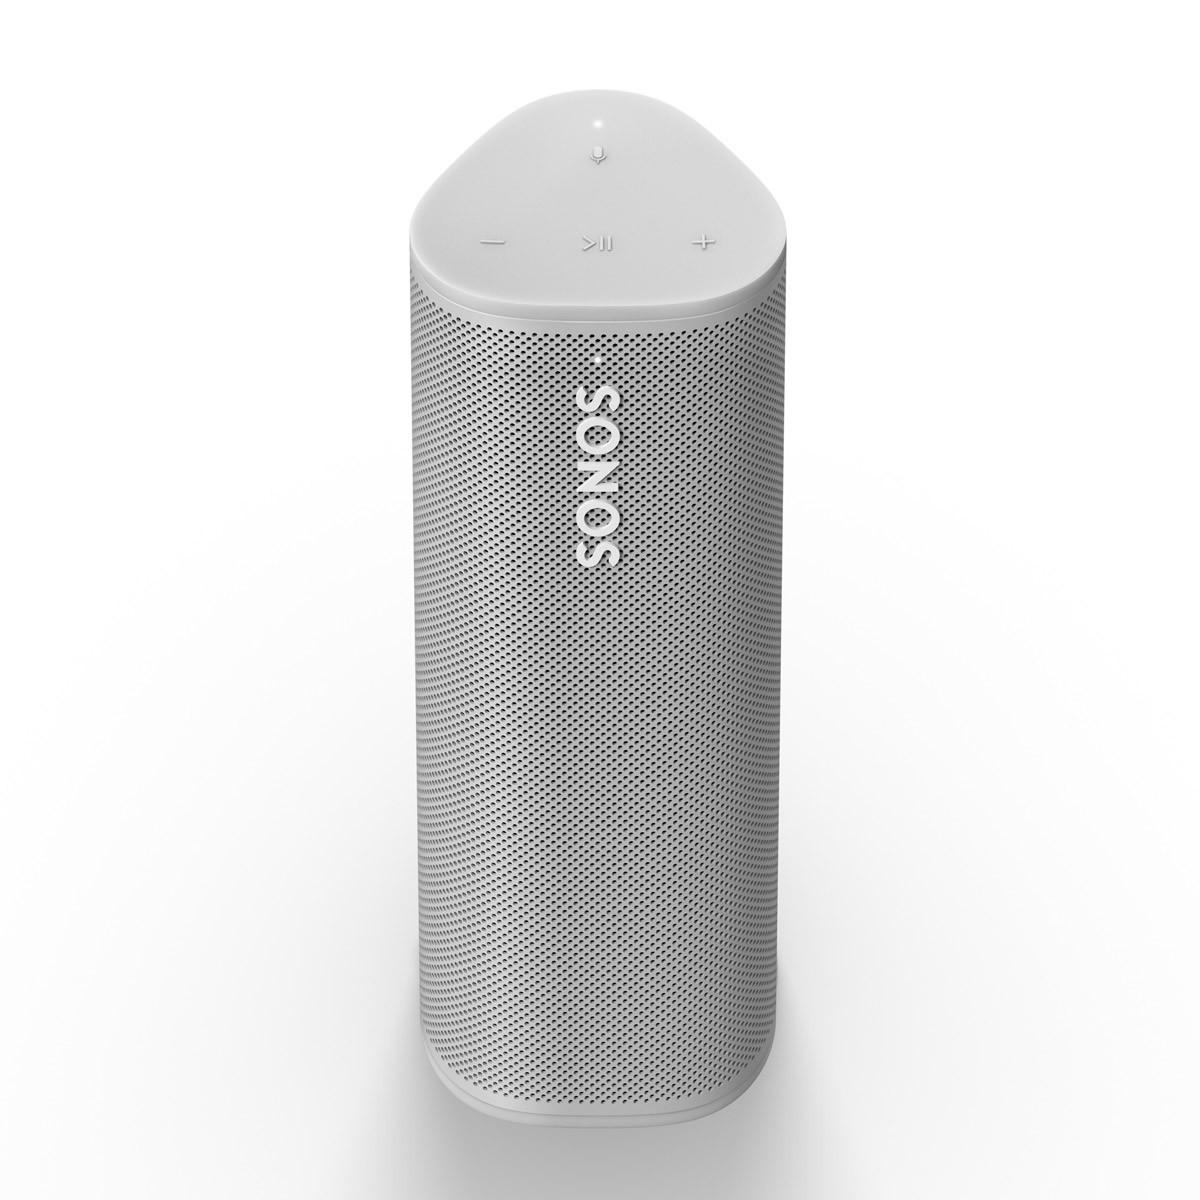 Vezetéknélküli hangfal Bluetooth és WiFi kapcsolódással Sonos Roam